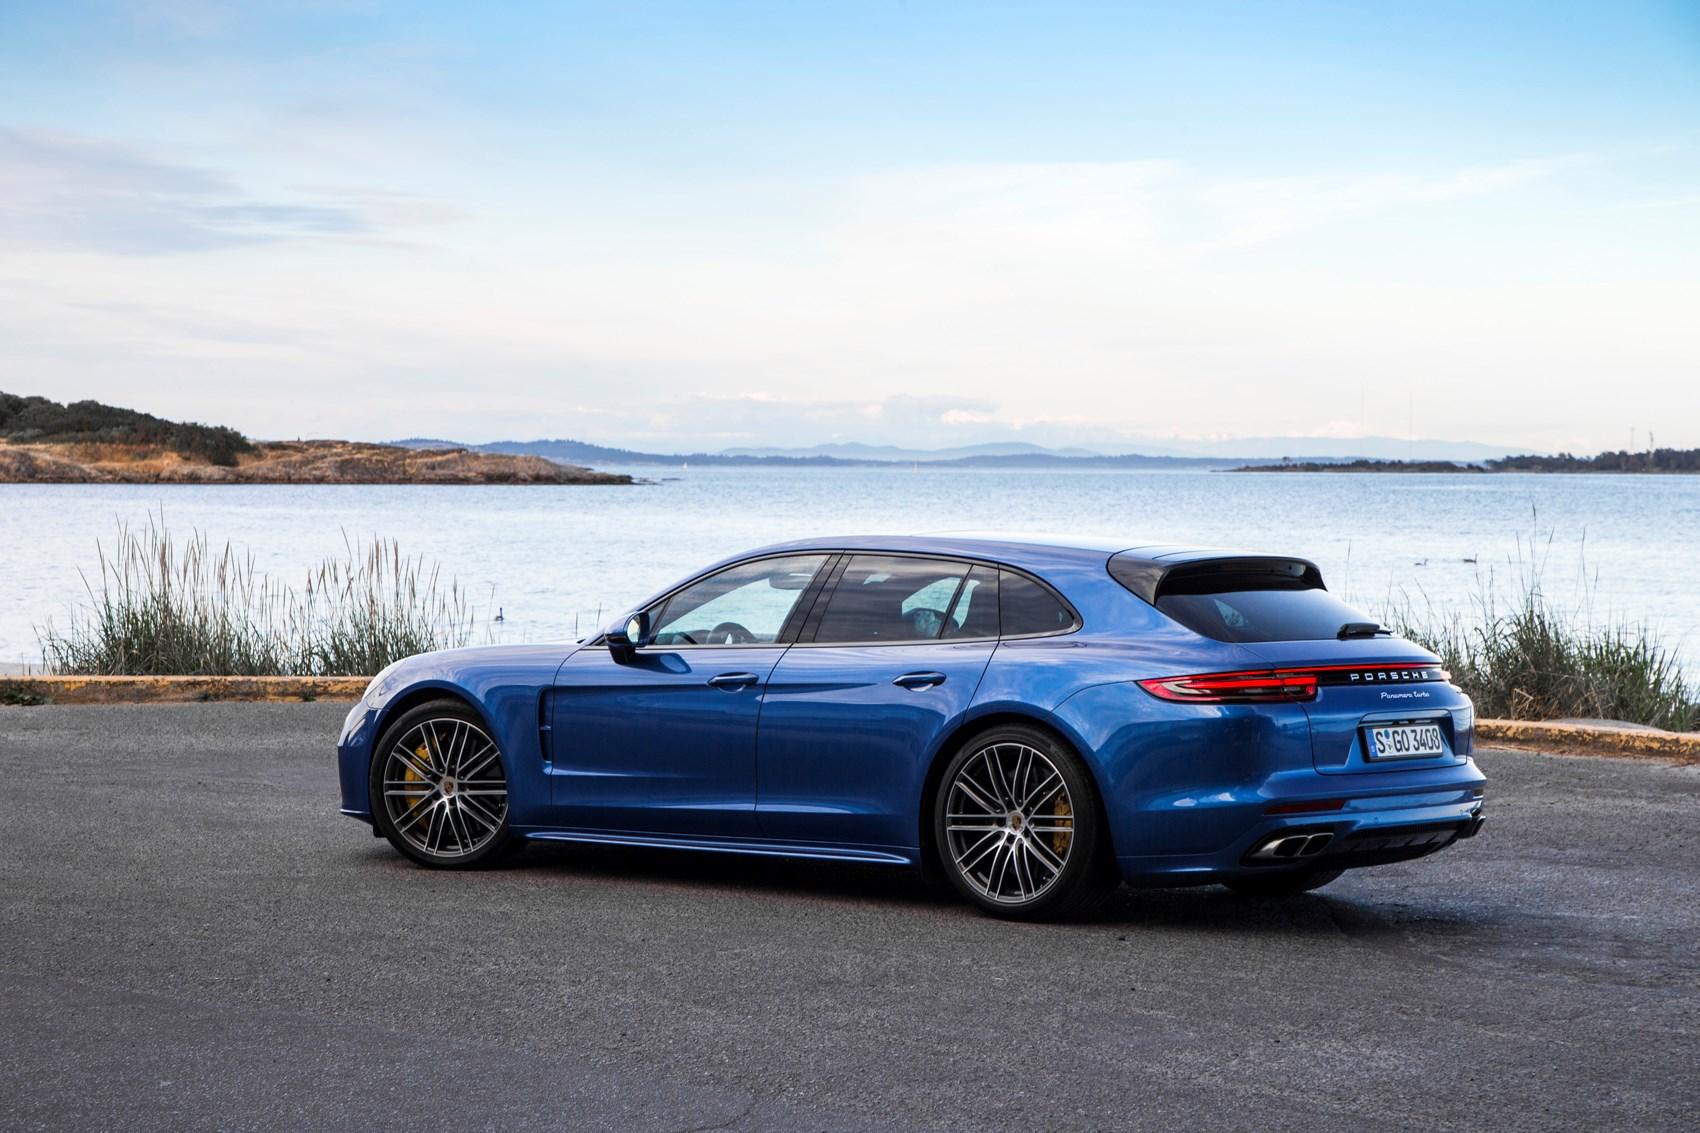 Porsche Panamera Lease >> Porsche Panamera Sport Turismo (2017 - ) Photos | Parkers